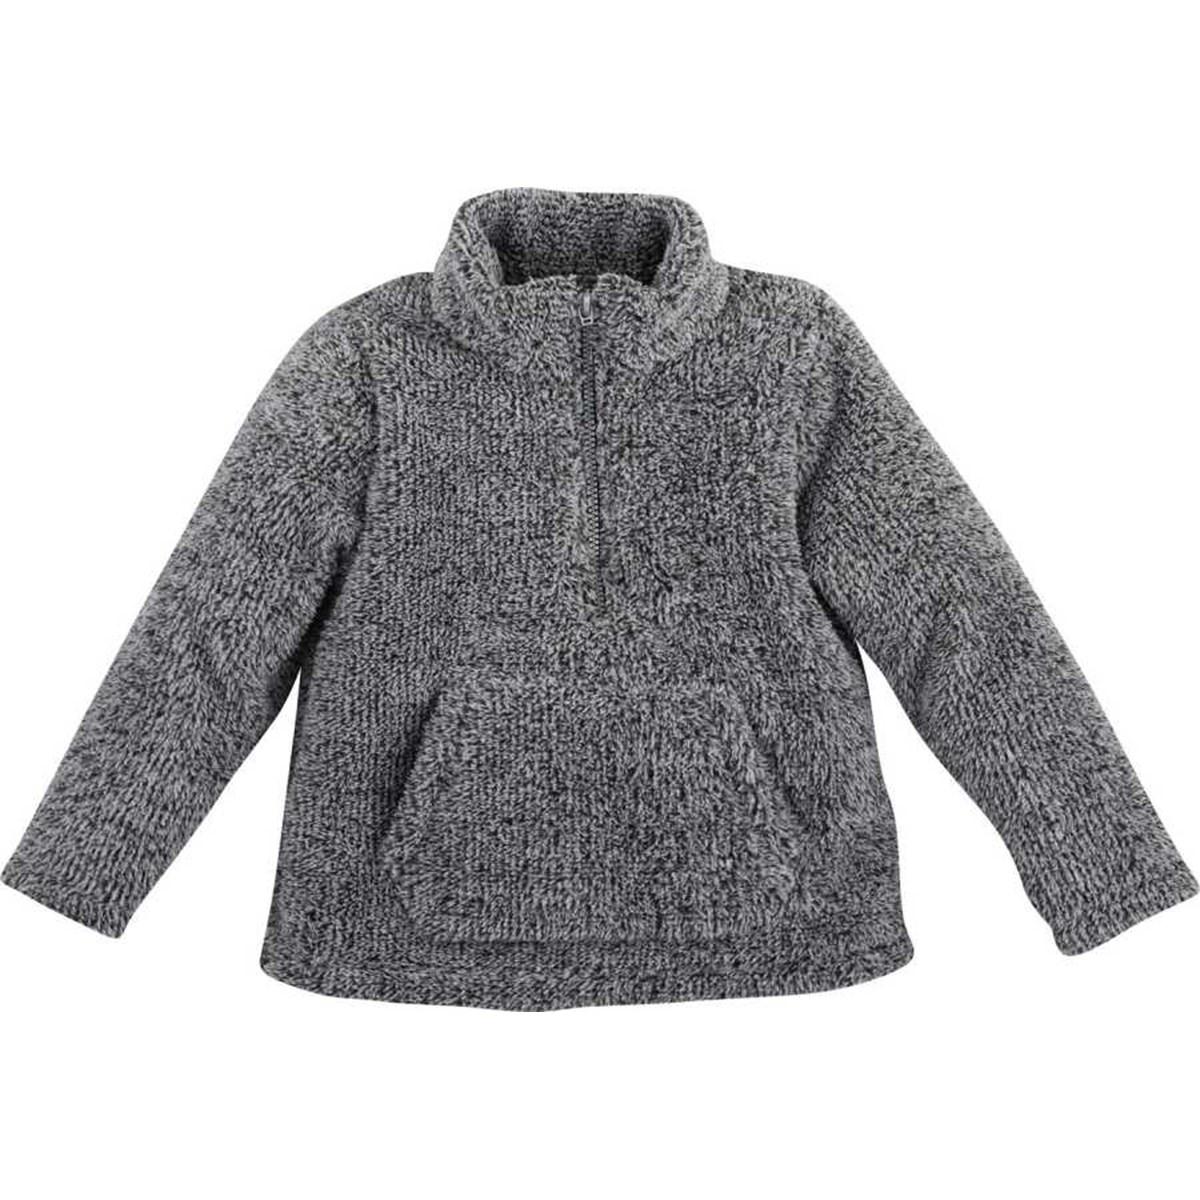 9555 Sweatshirt 1